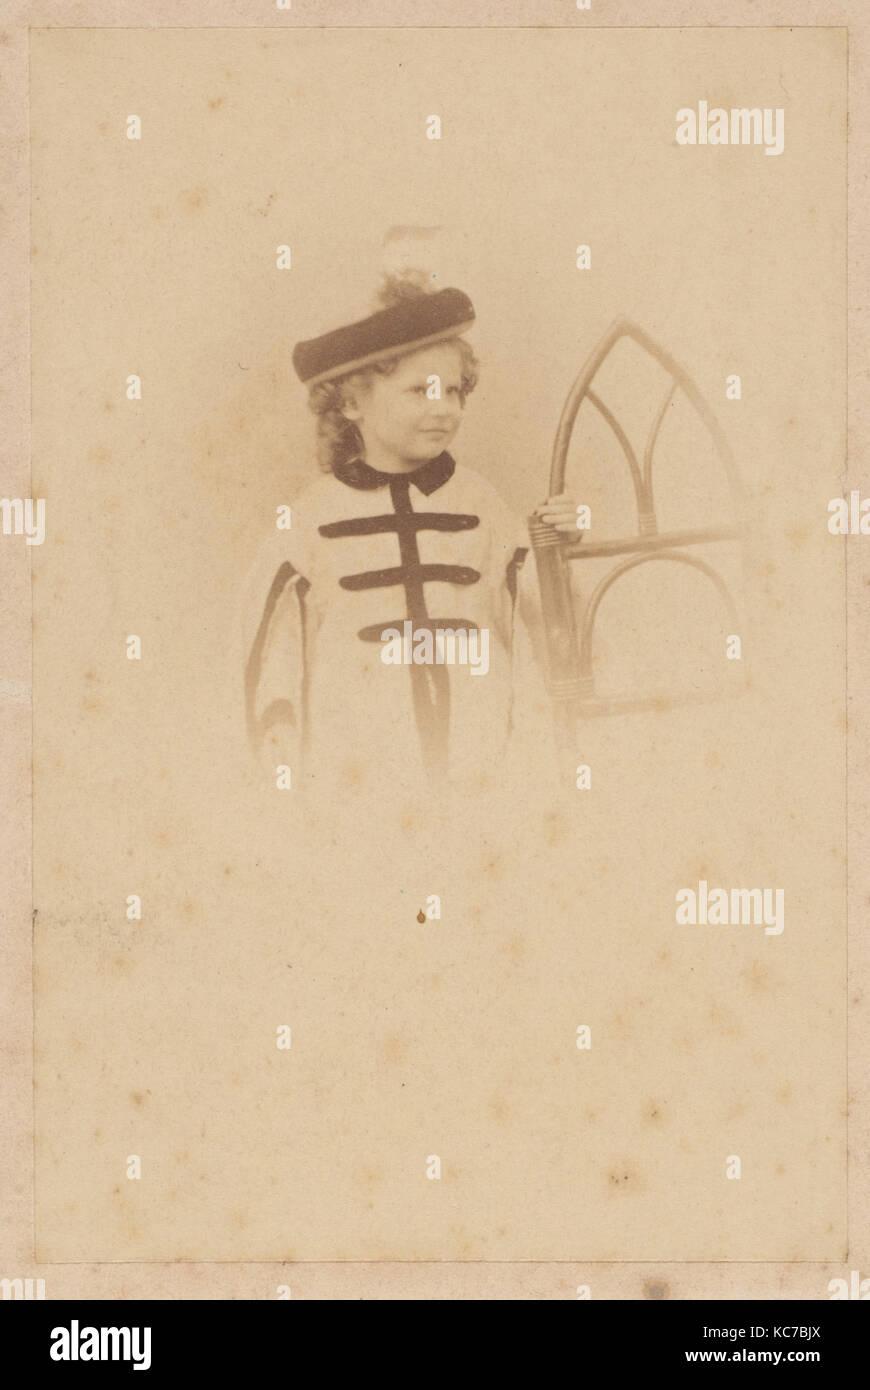 la chaise rustique 1860s albumen silver print photographs pierre louis pierson french 18221913 - Chaise Rustique